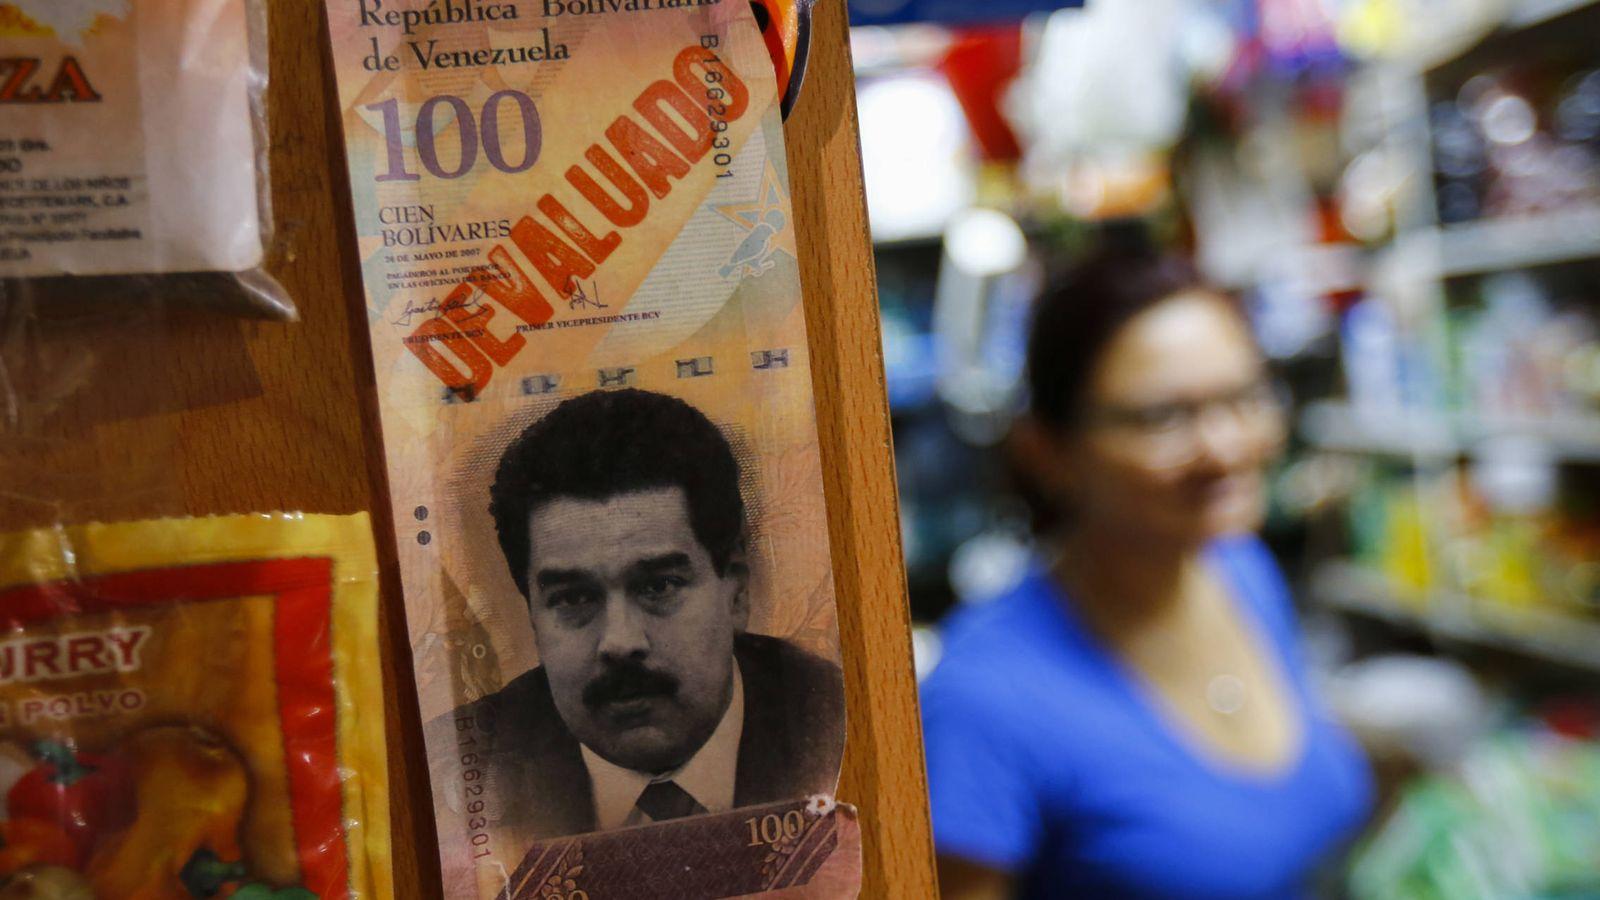 Foto: Un billete con el rostro del presidente Nicolás Maduro en un mercado de Caracas, Venezuela. (Reuters)